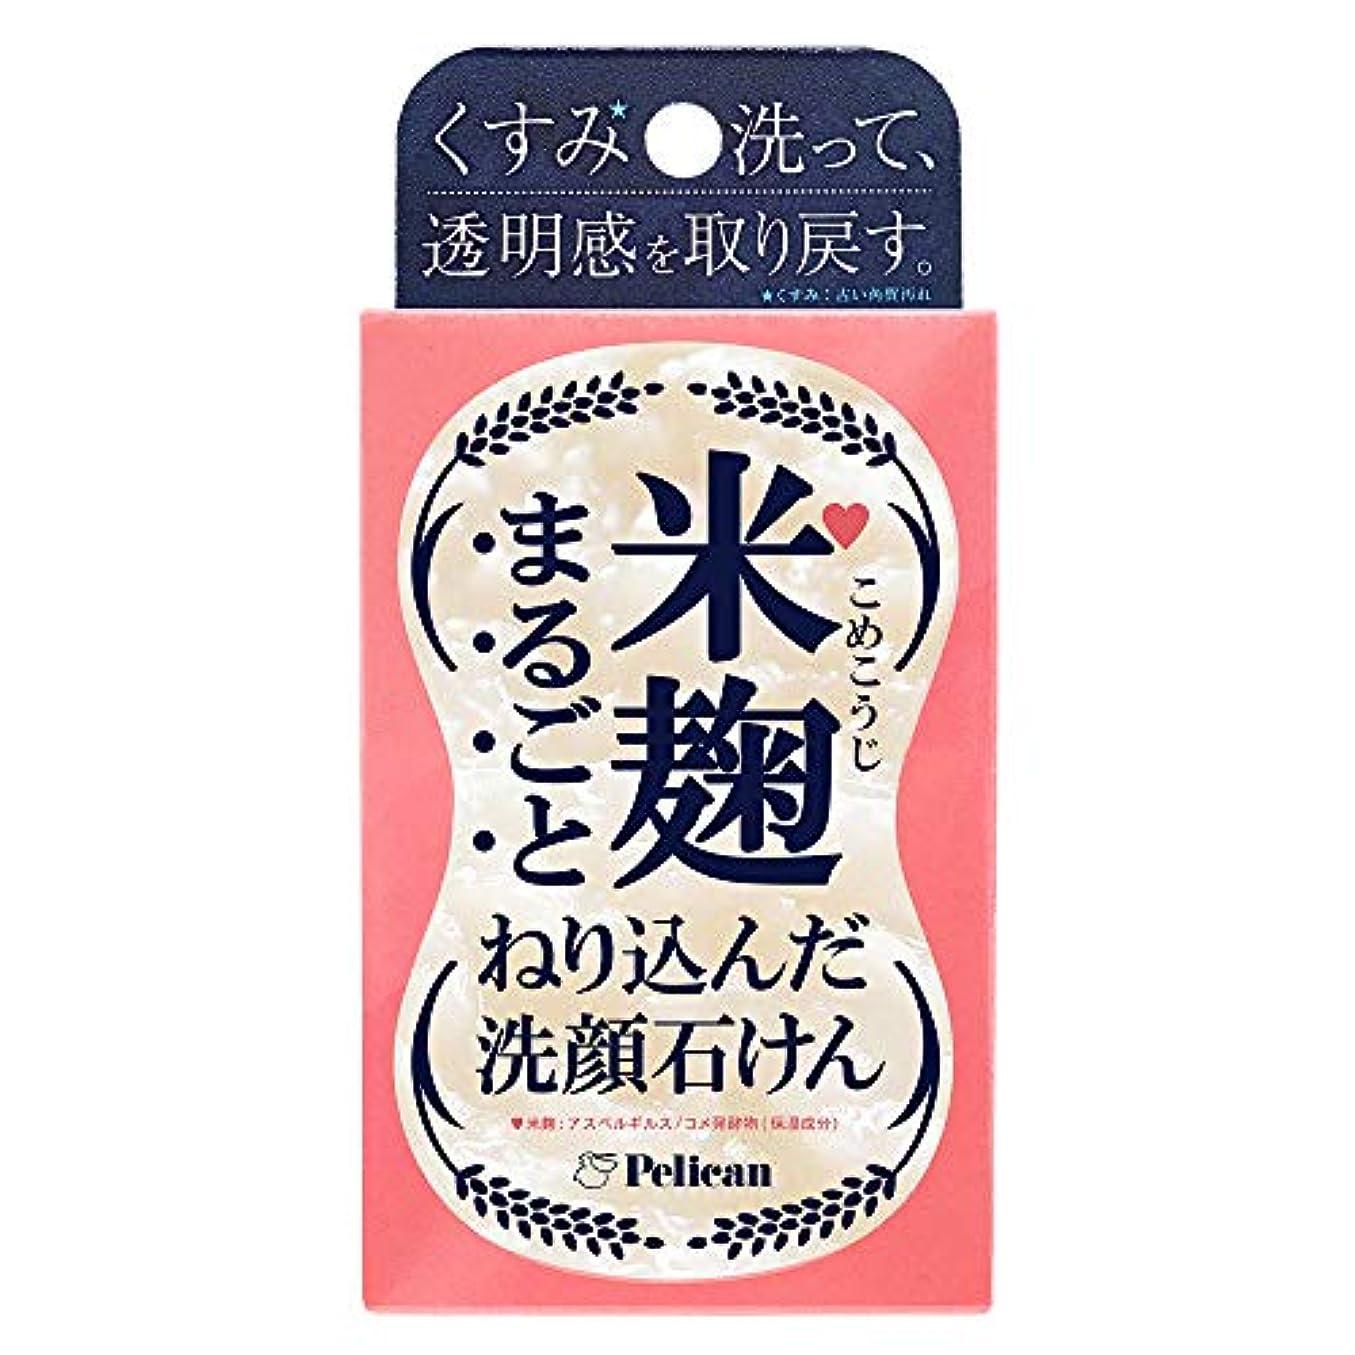 ペリカン石鹸 米麹まるごとねり込んだ洗顔石けん 75g